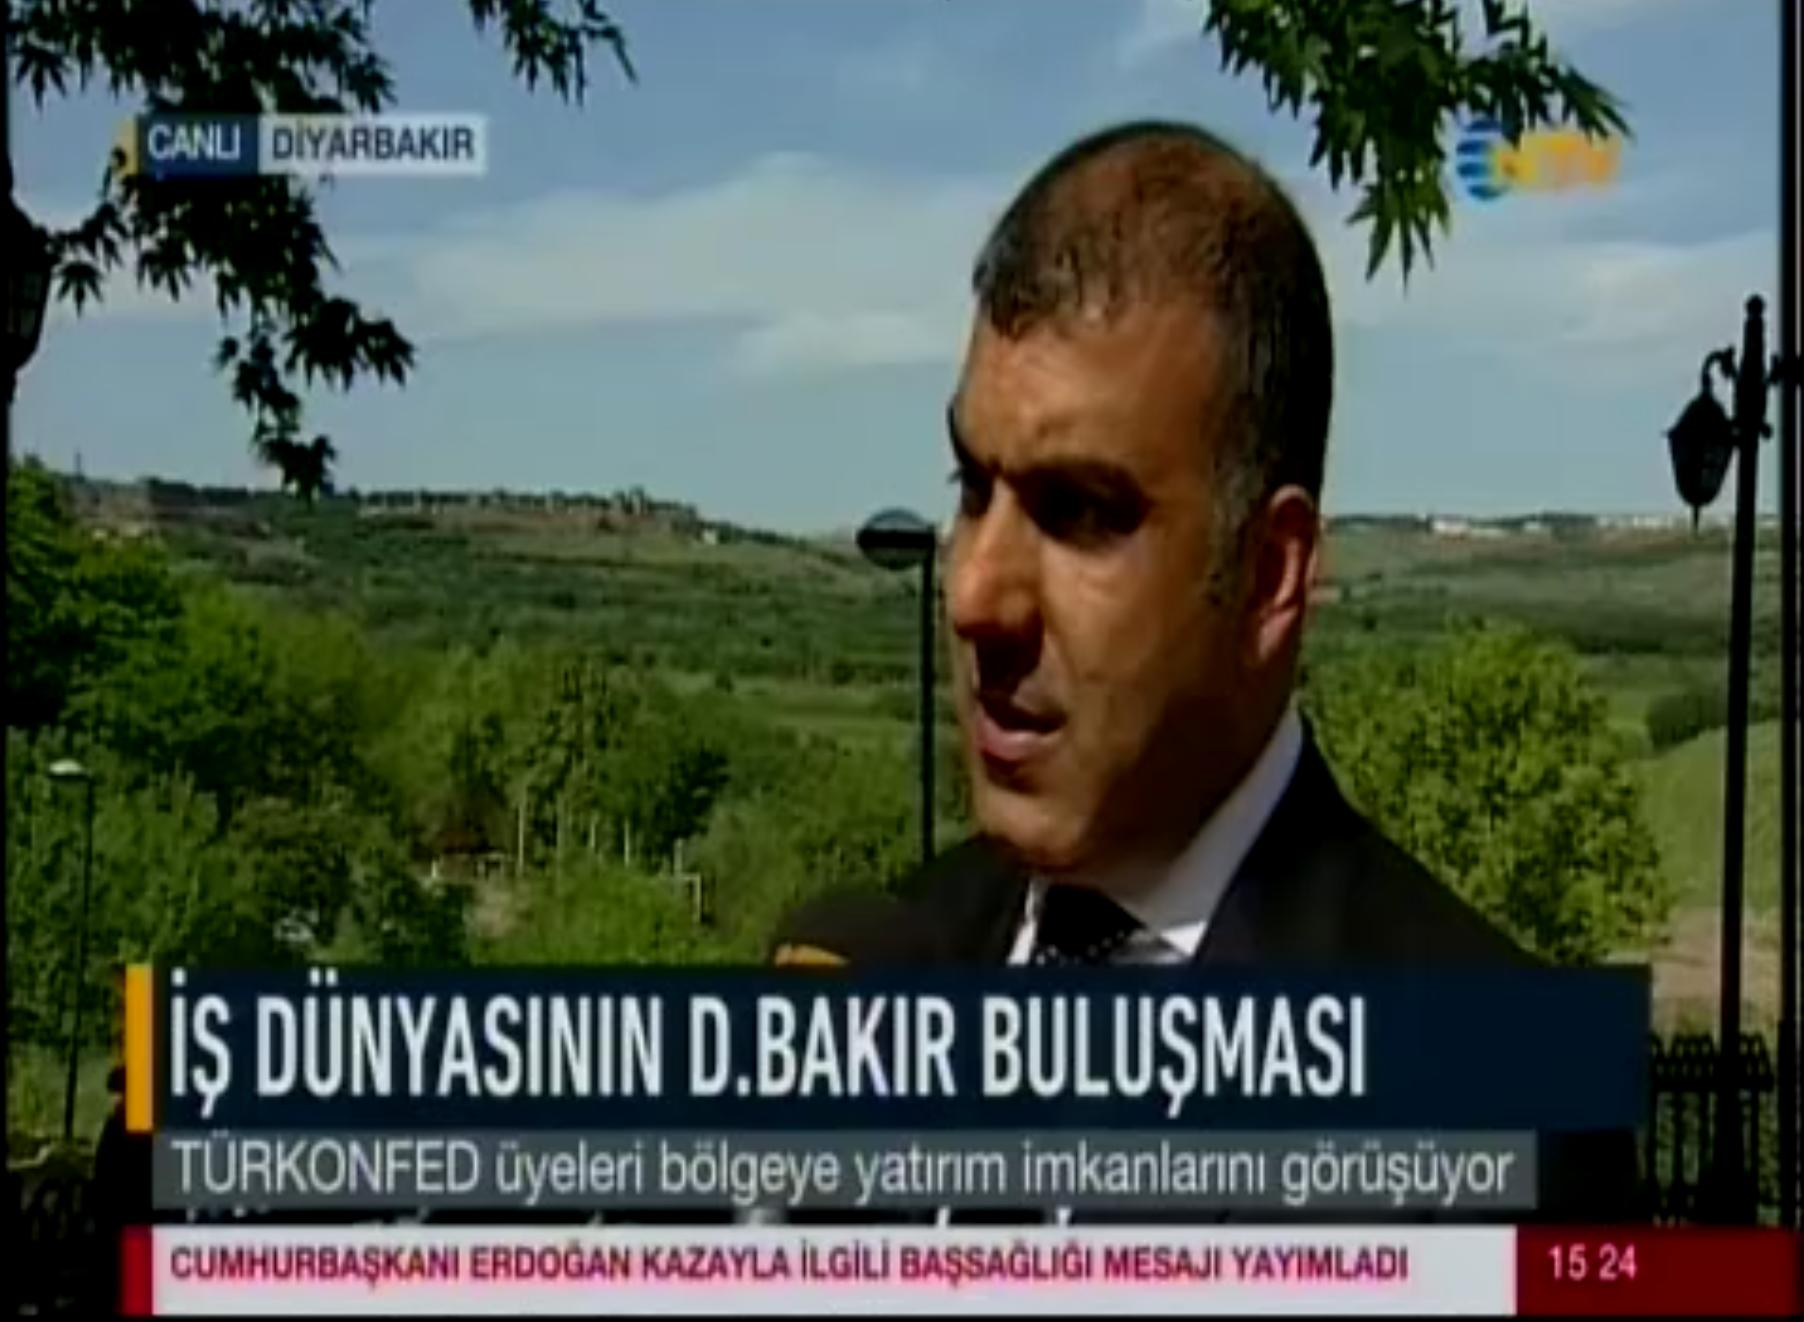 Tarkan Kadooğlu - NTV 13.05.2017 - Diyarbakır Röportajı